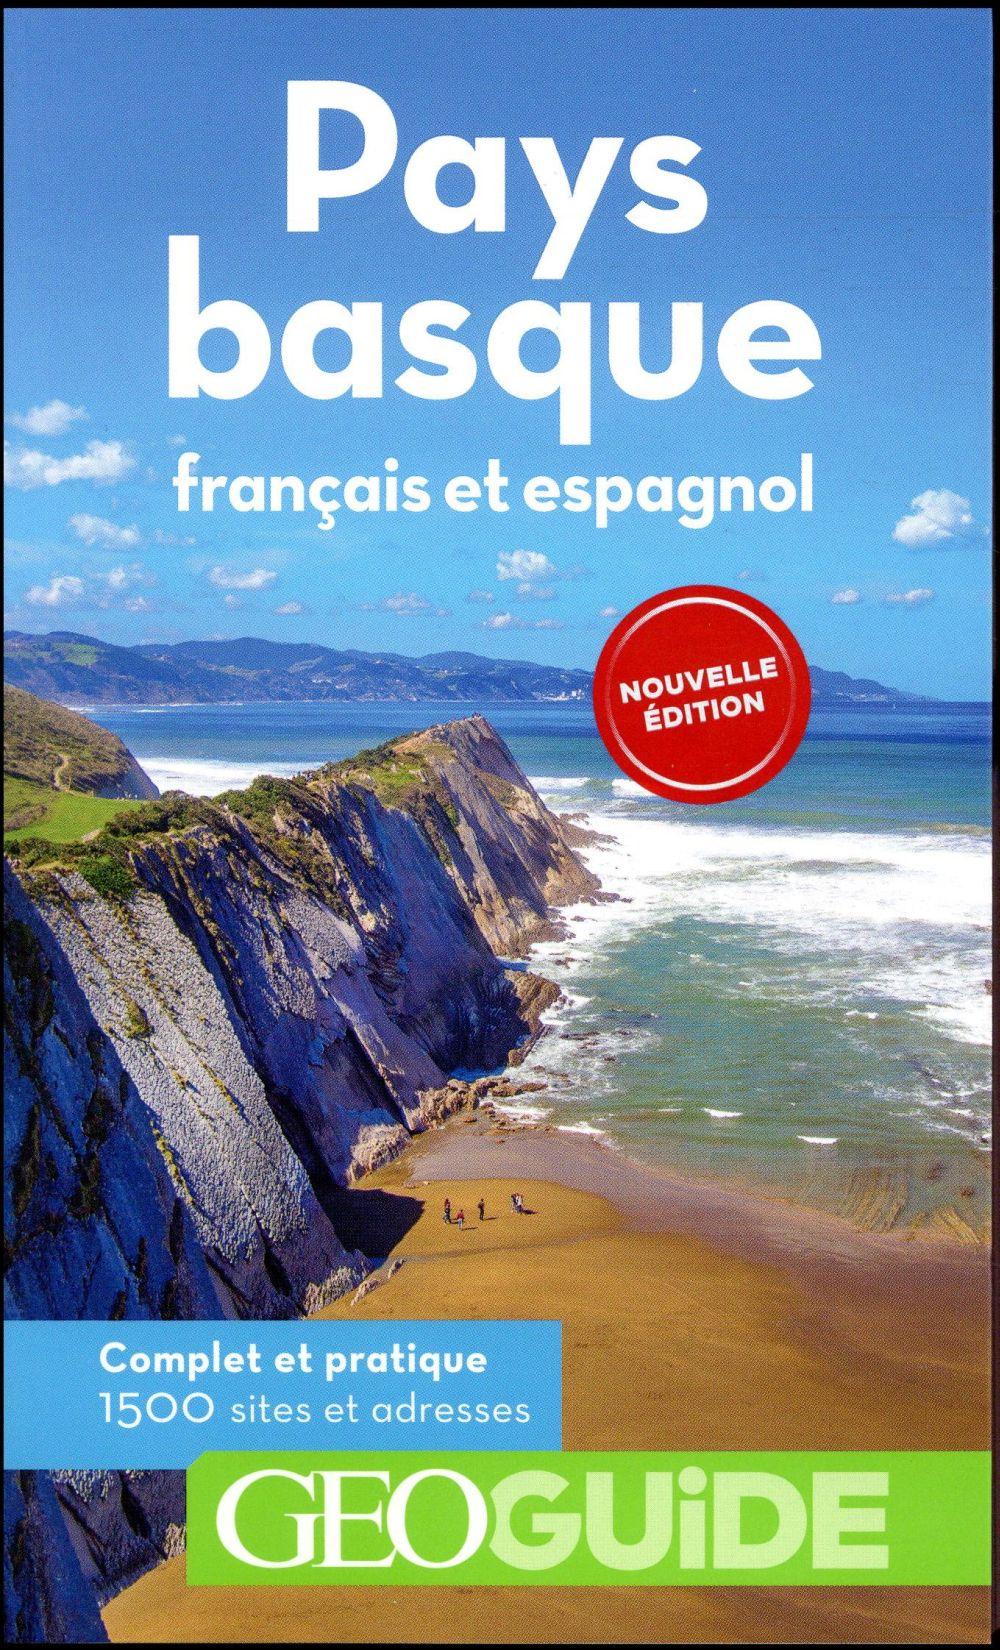 PAYS BASQUE - FRANCAIS ET ESPAGNOL